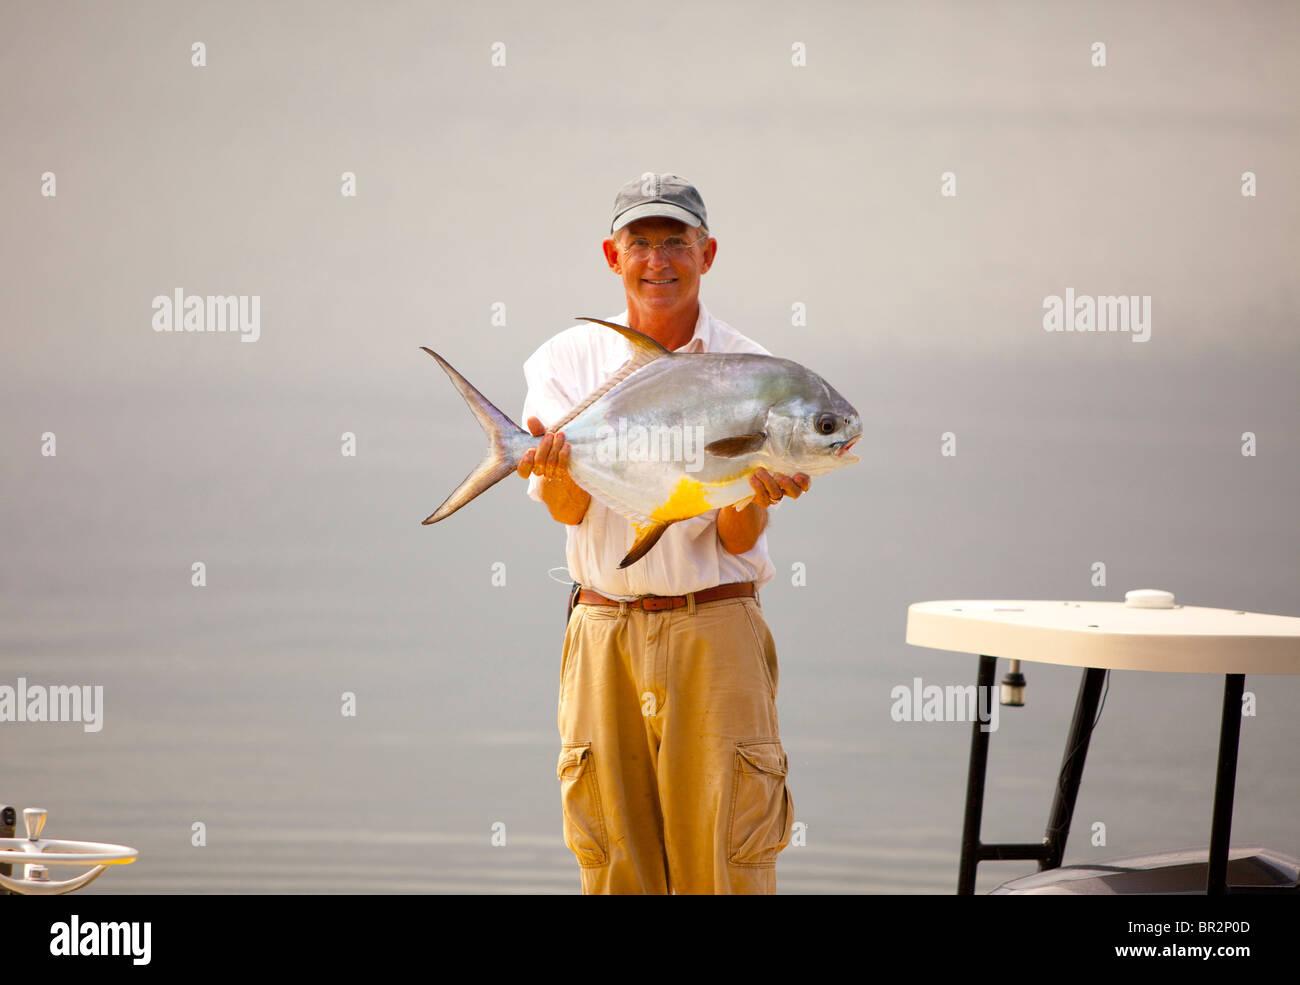 Ritratto di pescatore tenendo un pesce pescato Immagini Stock